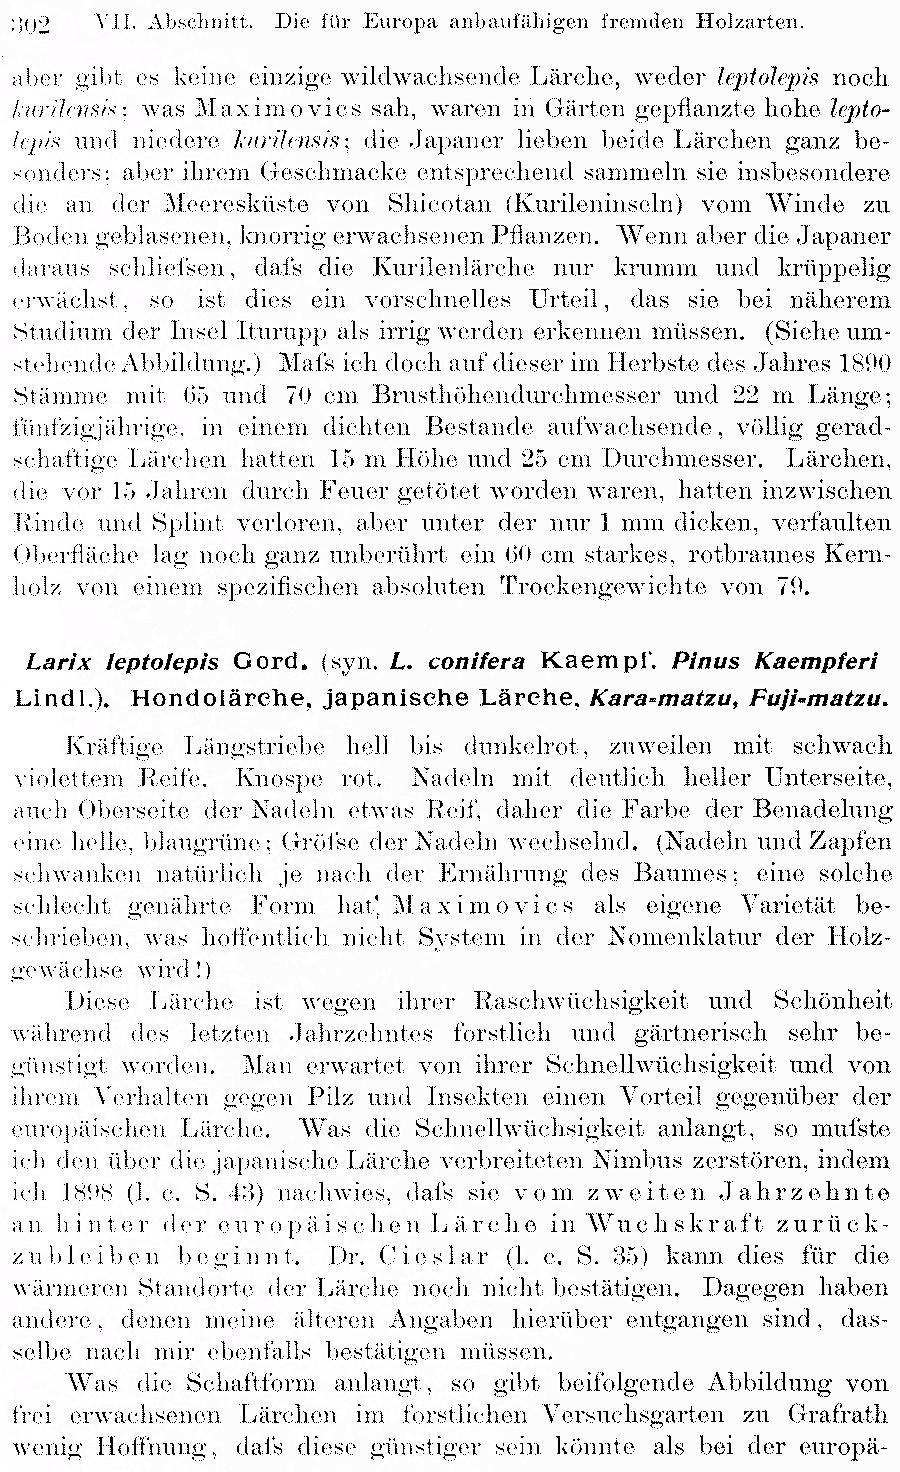 https://forum.plantarium.ru/misc.php?action=pun_attachment&item=30416